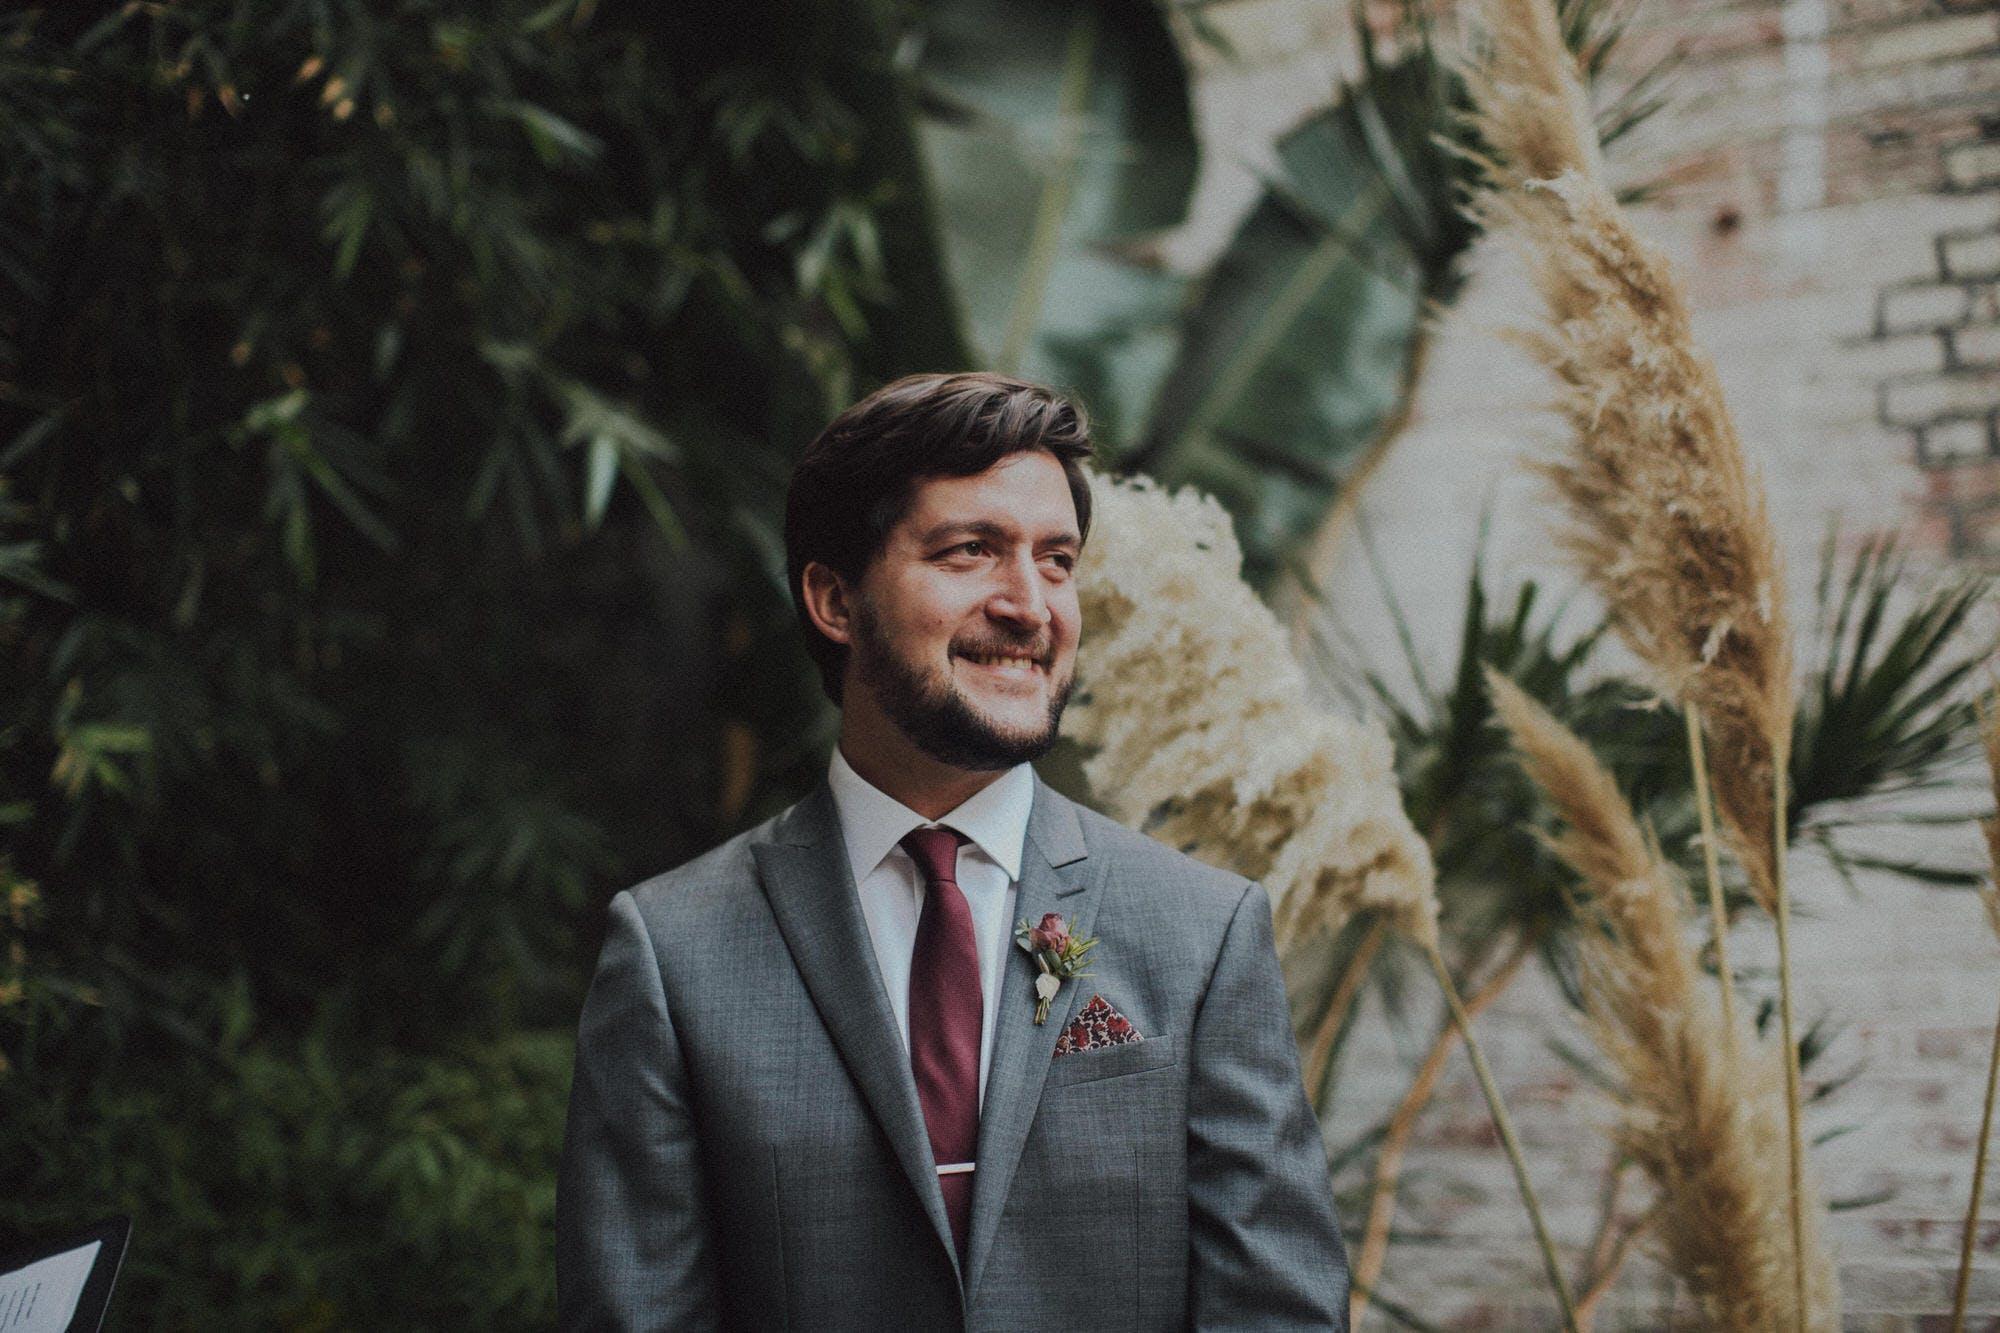 Pampus grass wedding